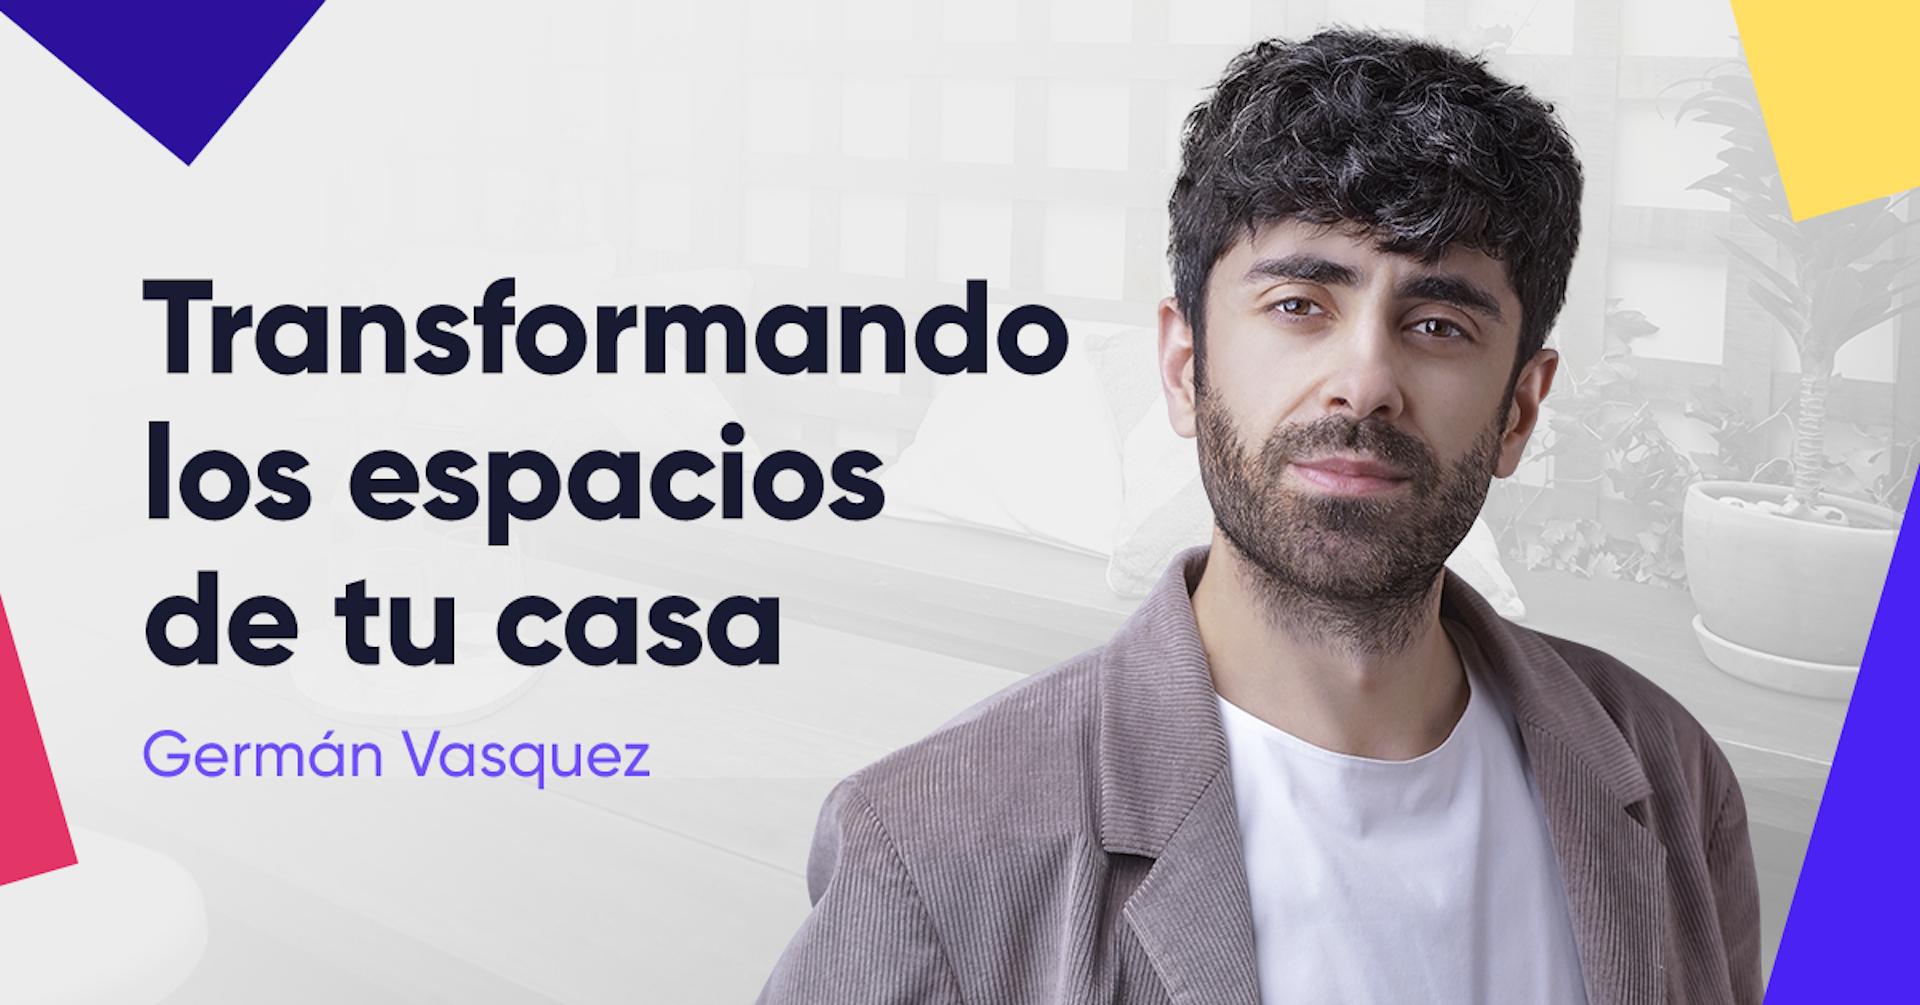 Webinar: Diseño de interiores con Germán Vasquez